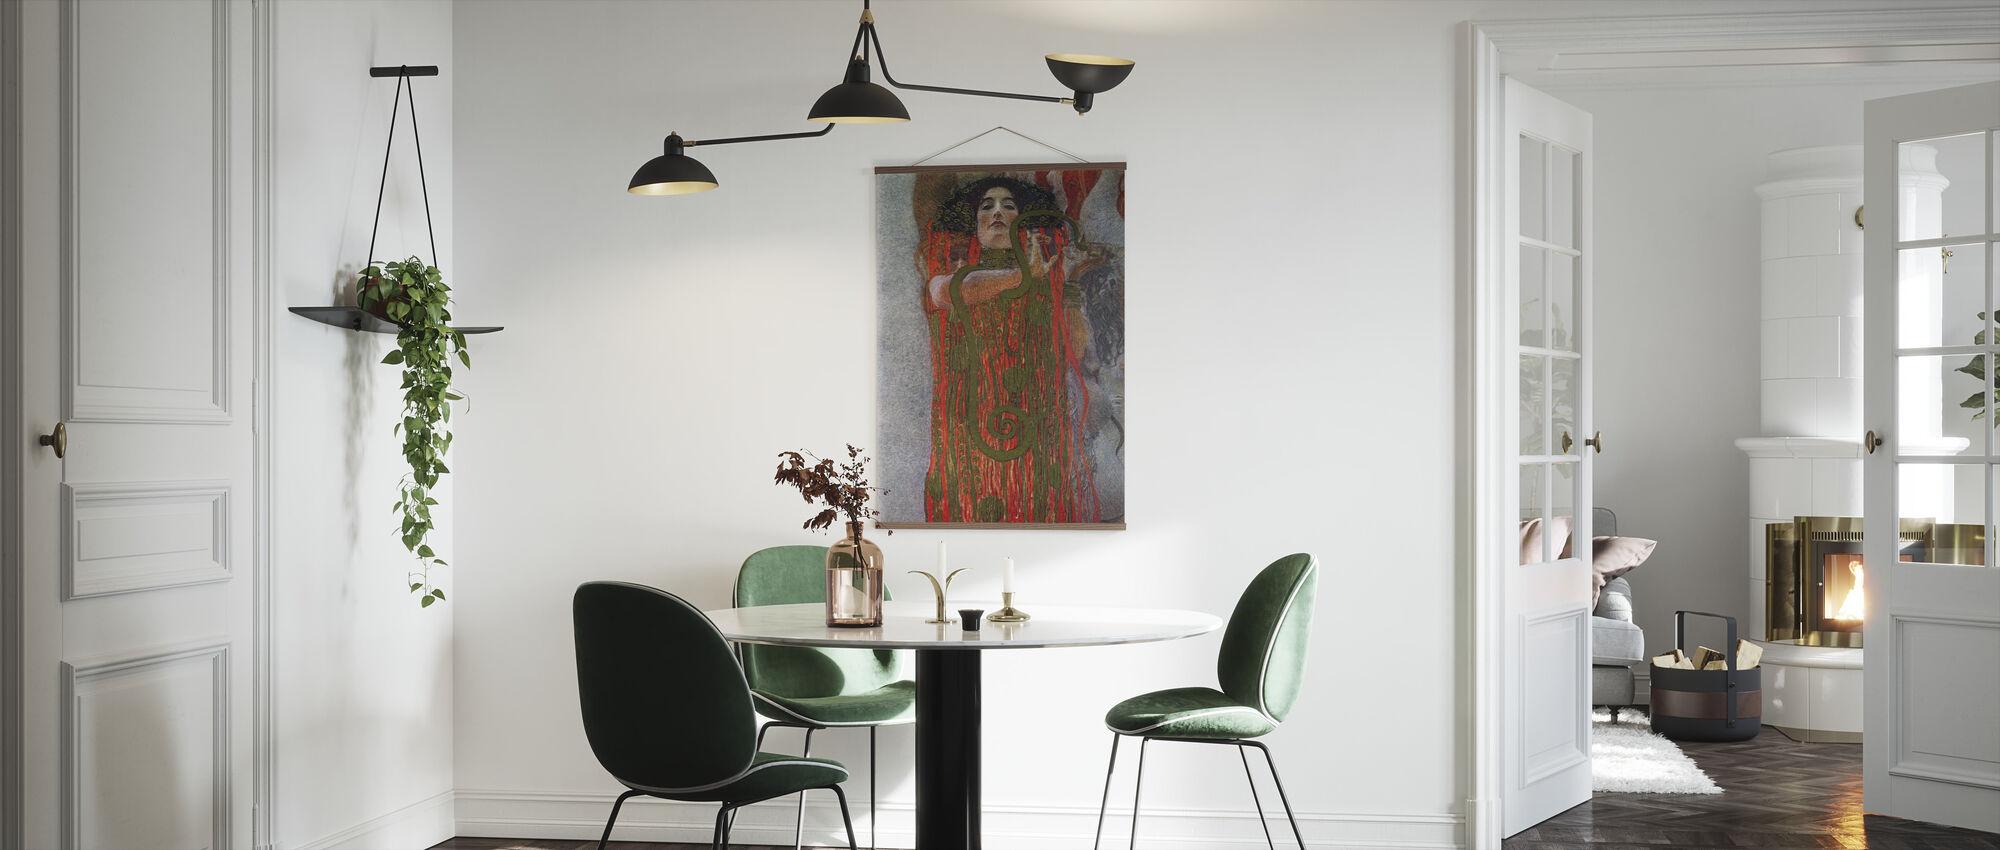 Hygieia - Gustav Klimt - Poster - Kitchen